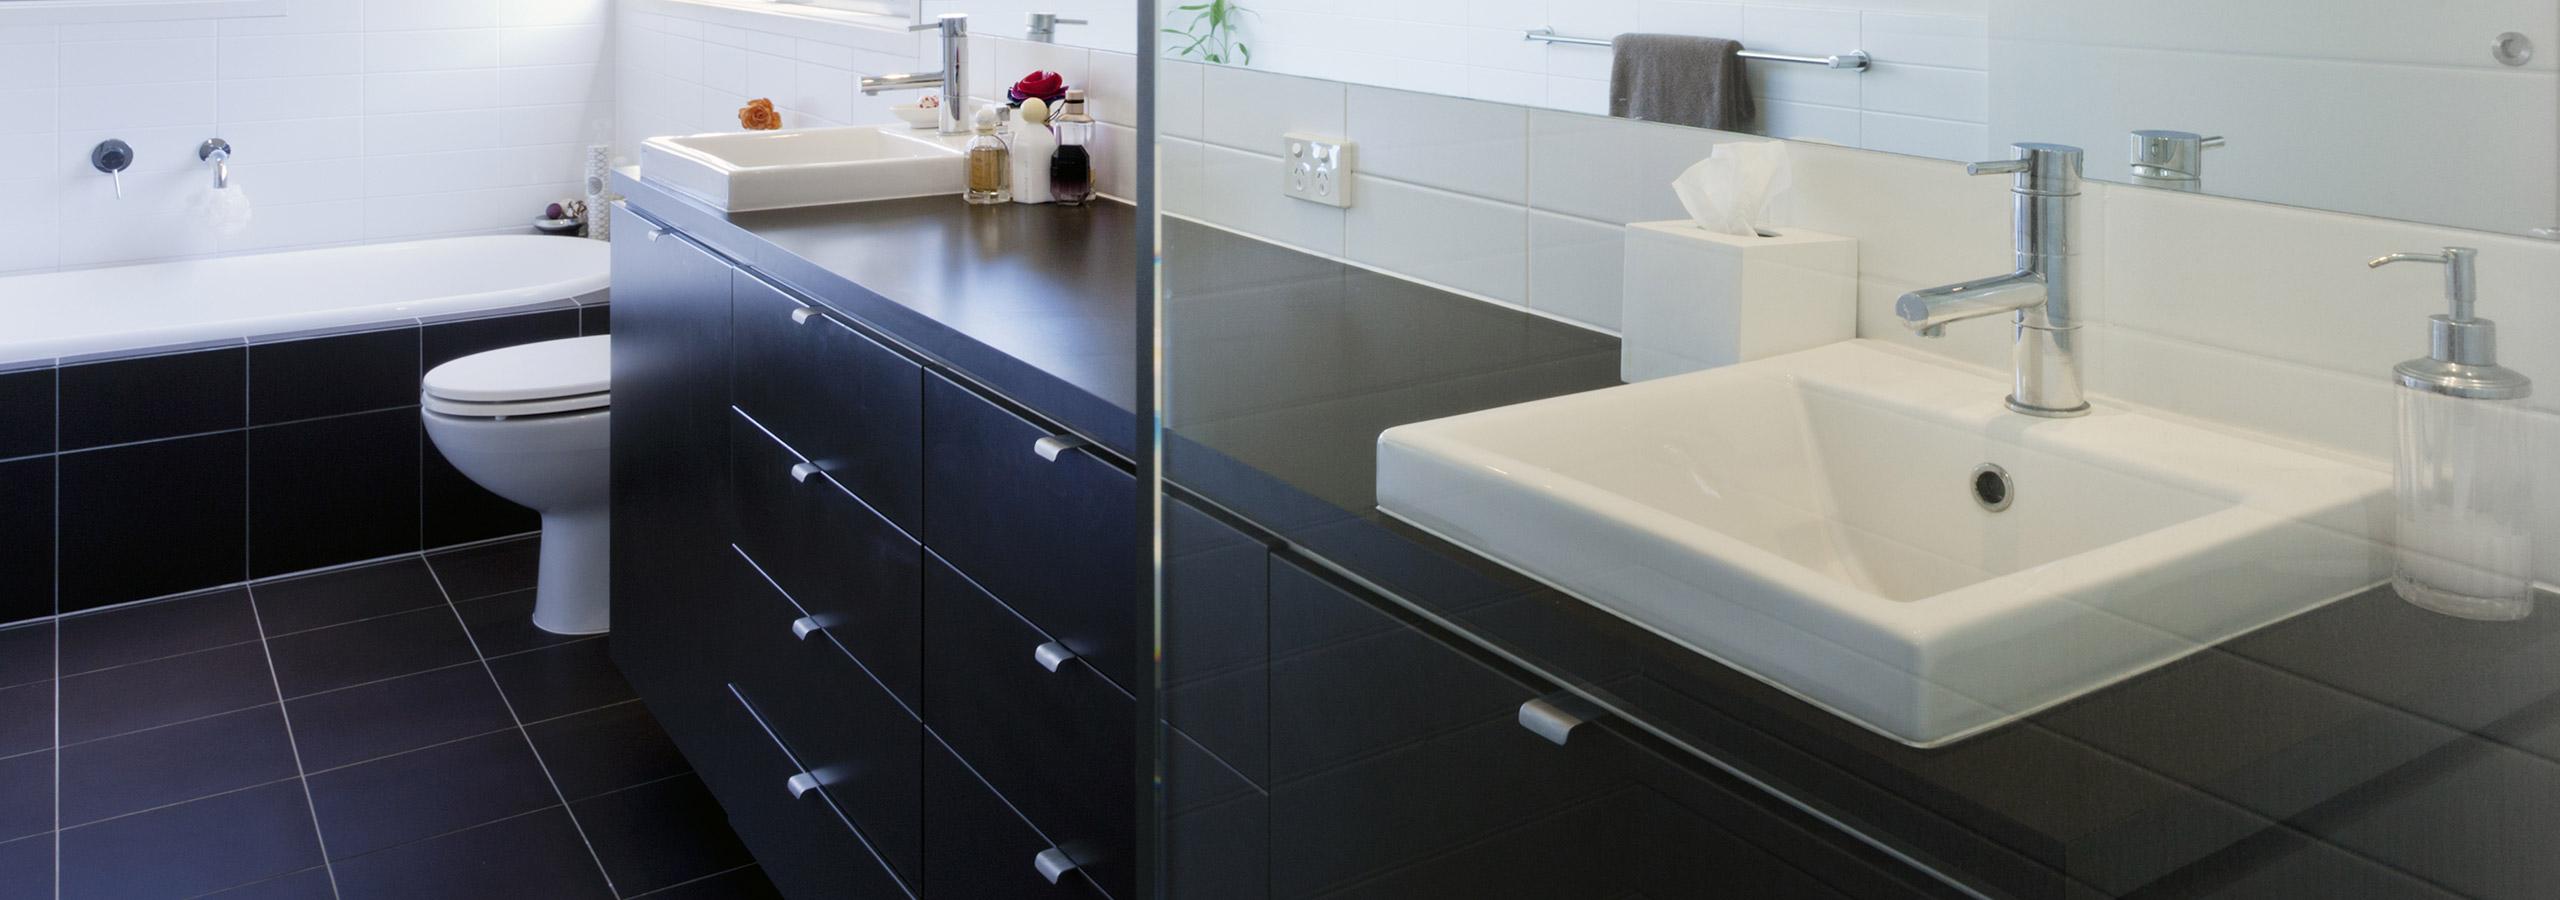 badkamermeubels en spiegelkasten plaatsen rondom ommen